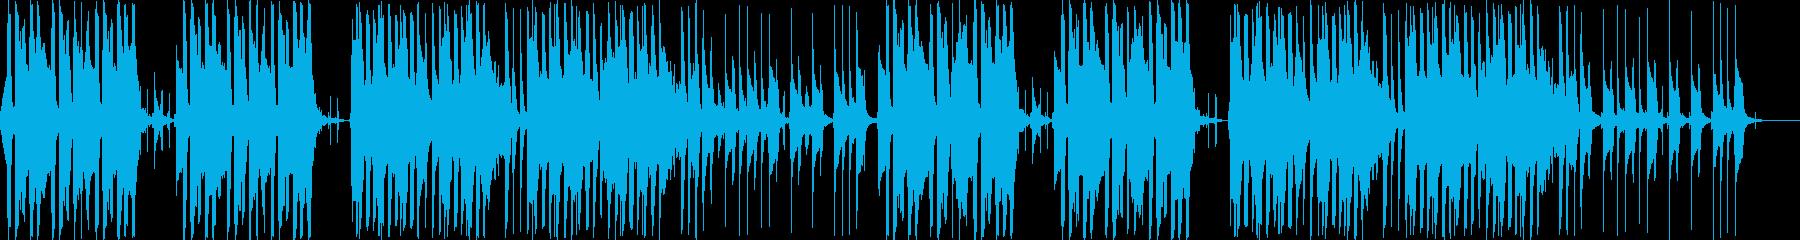 まぬけな日常系BGMの再生済みの波形